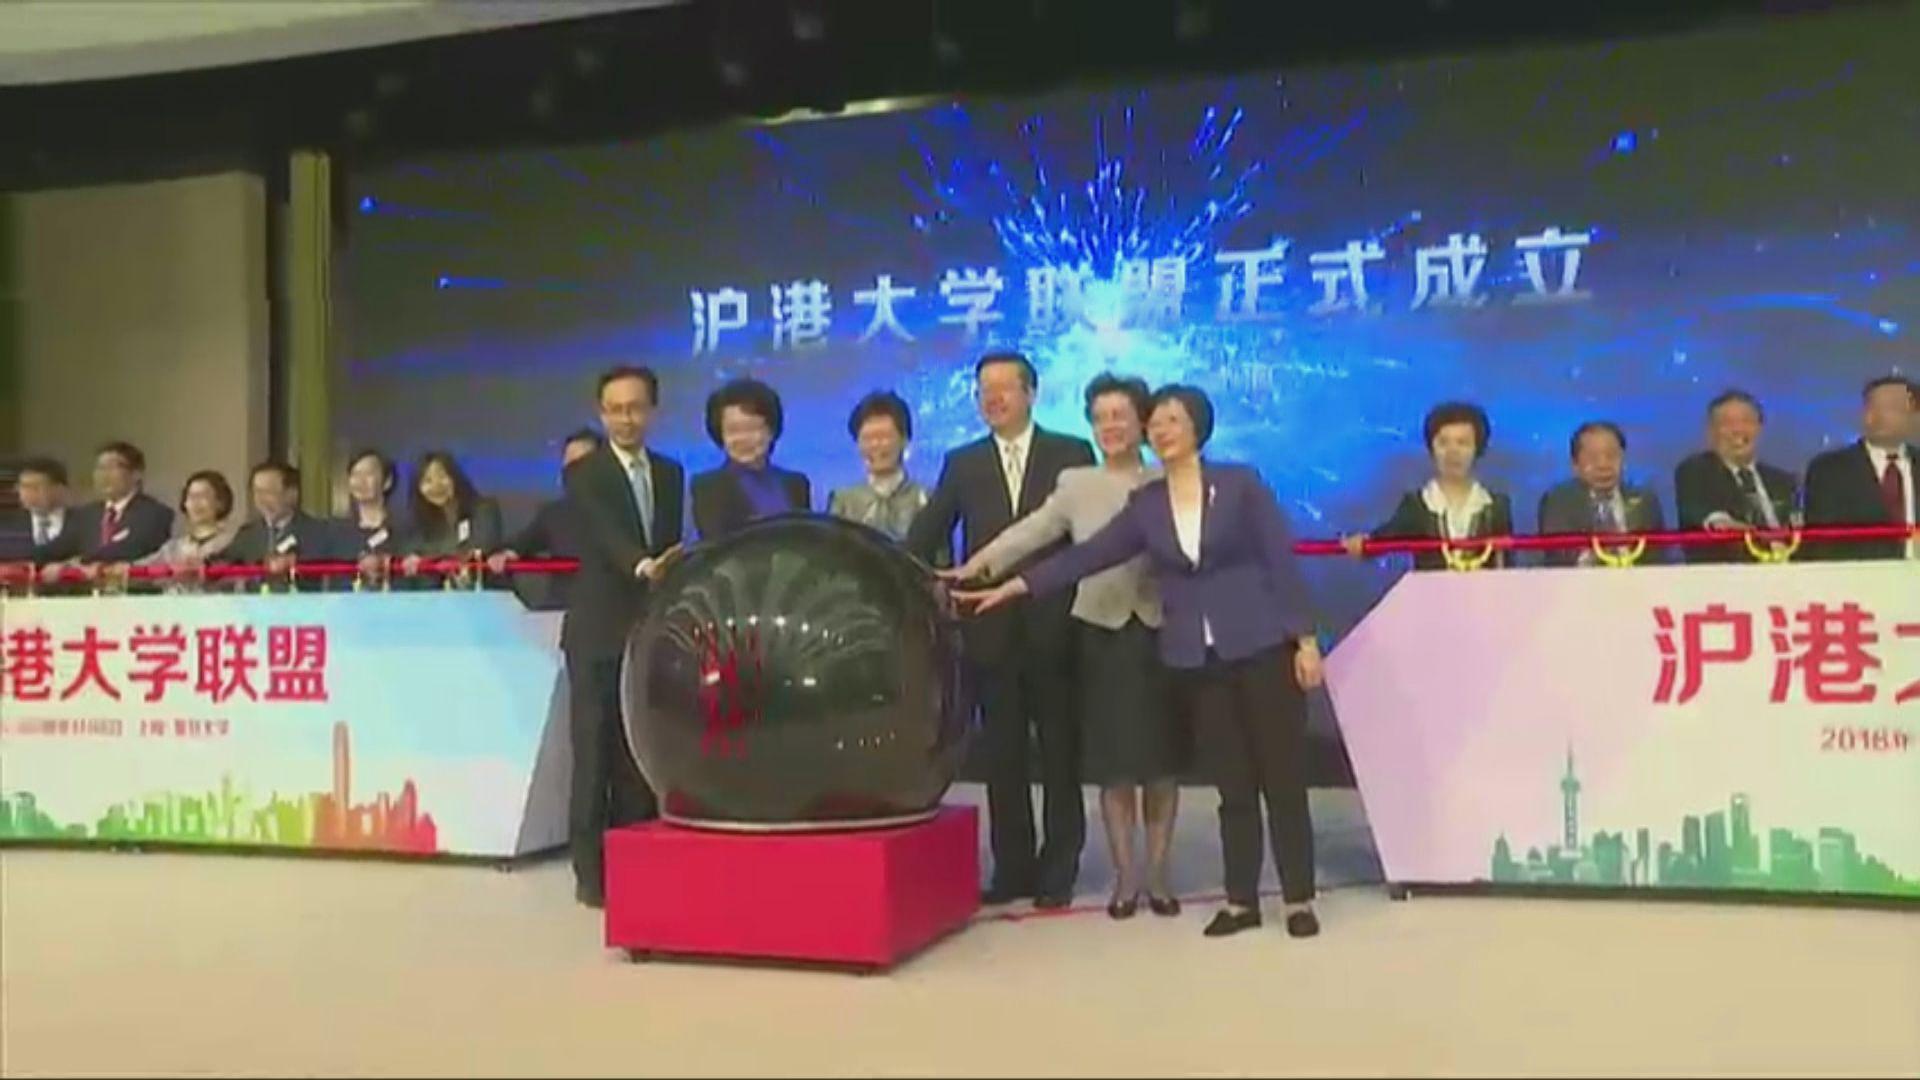 林鄭月娥在上海出席滬港高等院校結盟儀式